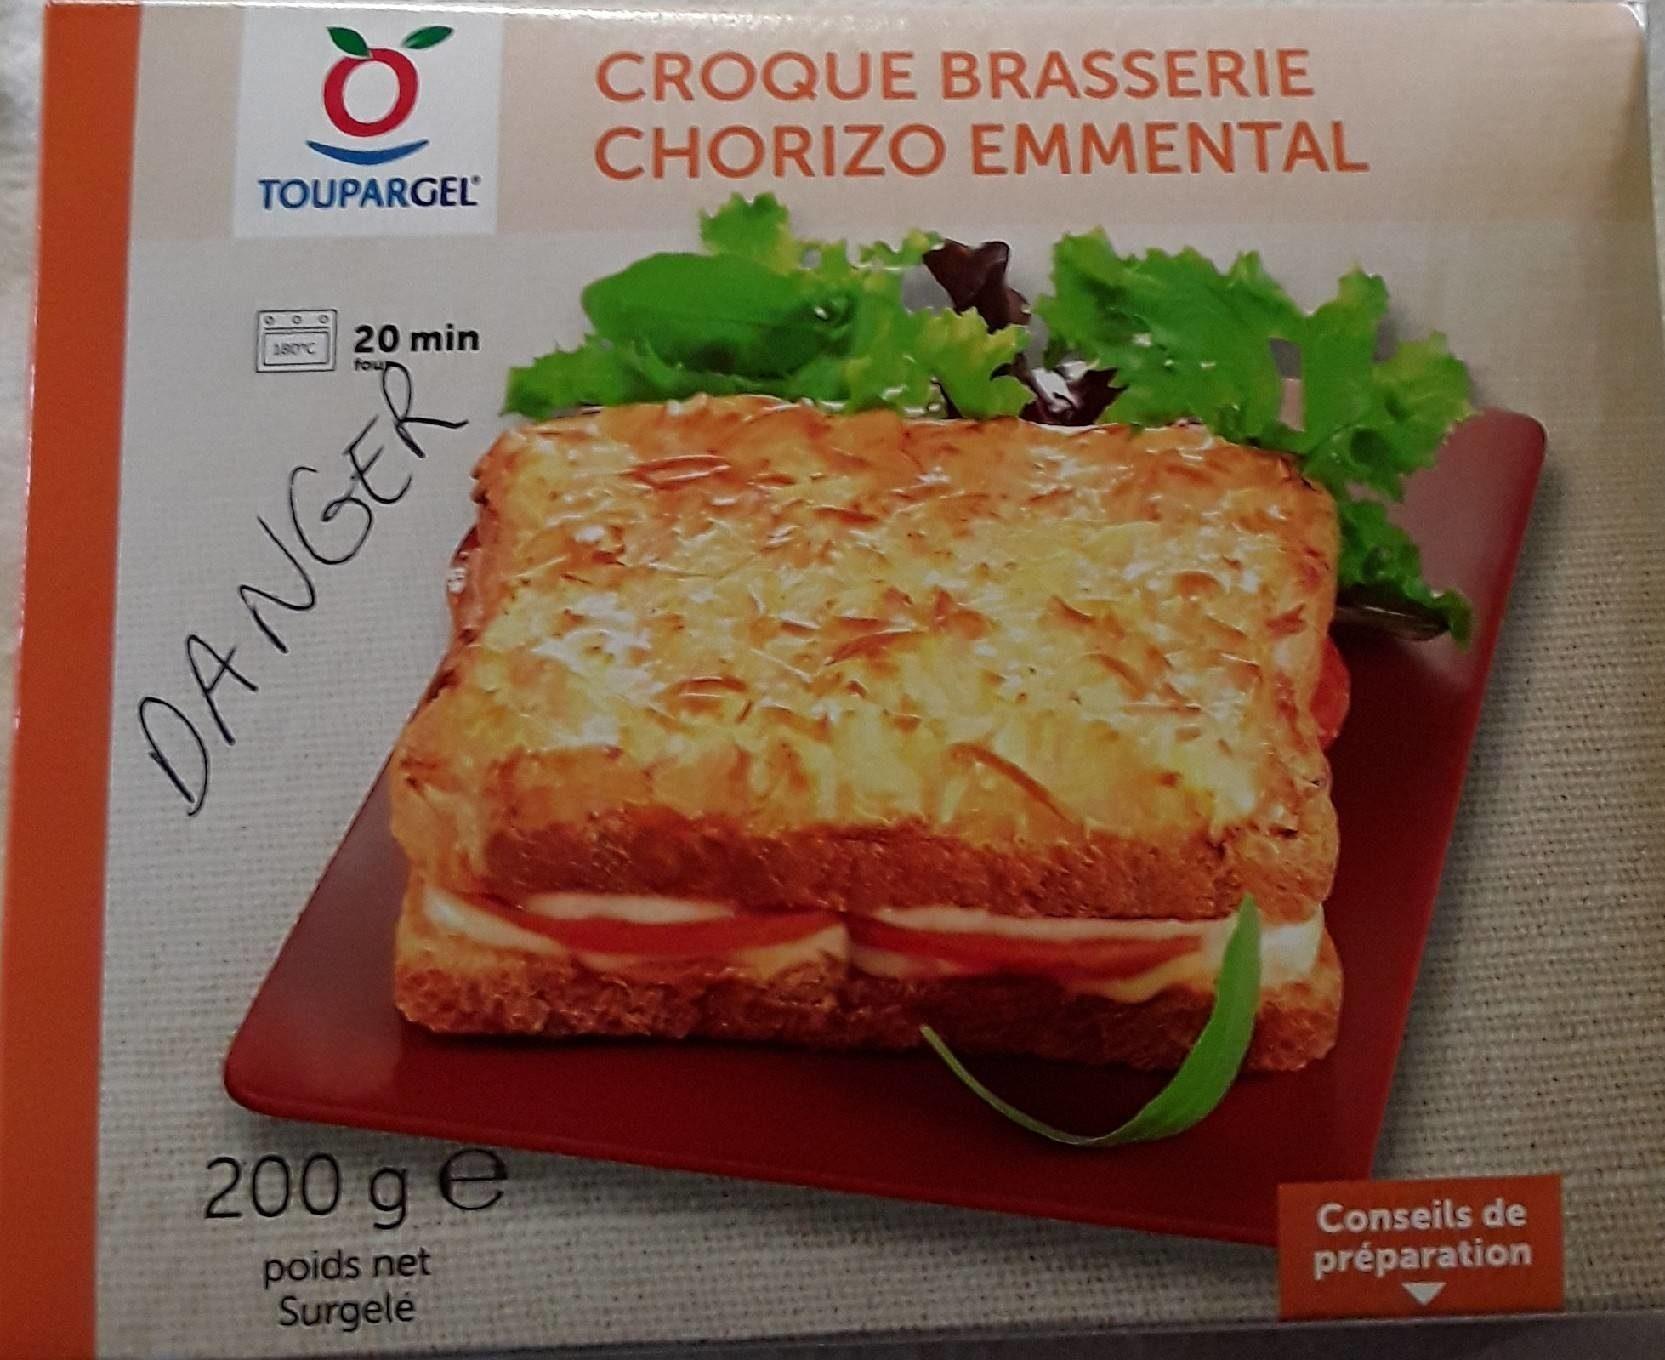 Croque brasserie chorizo emmental - Produit